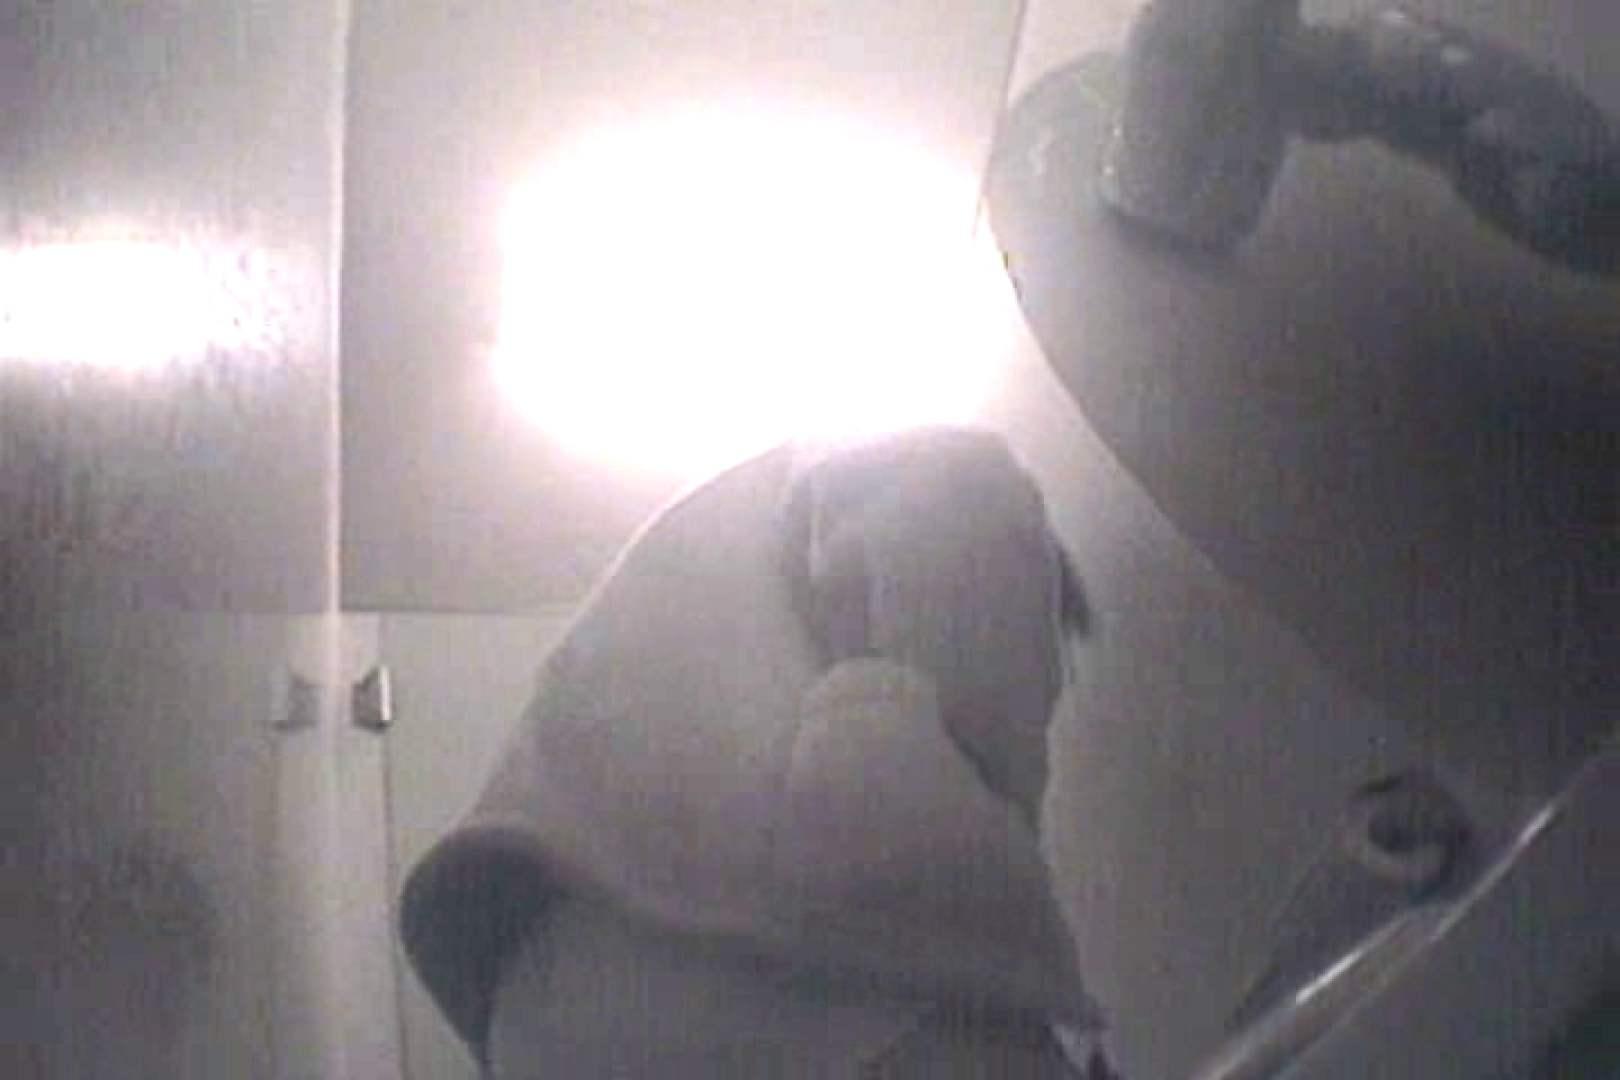 バレー洗面所Vol.2 美しいOLの裸体 | 洗面所突入  87pic 25